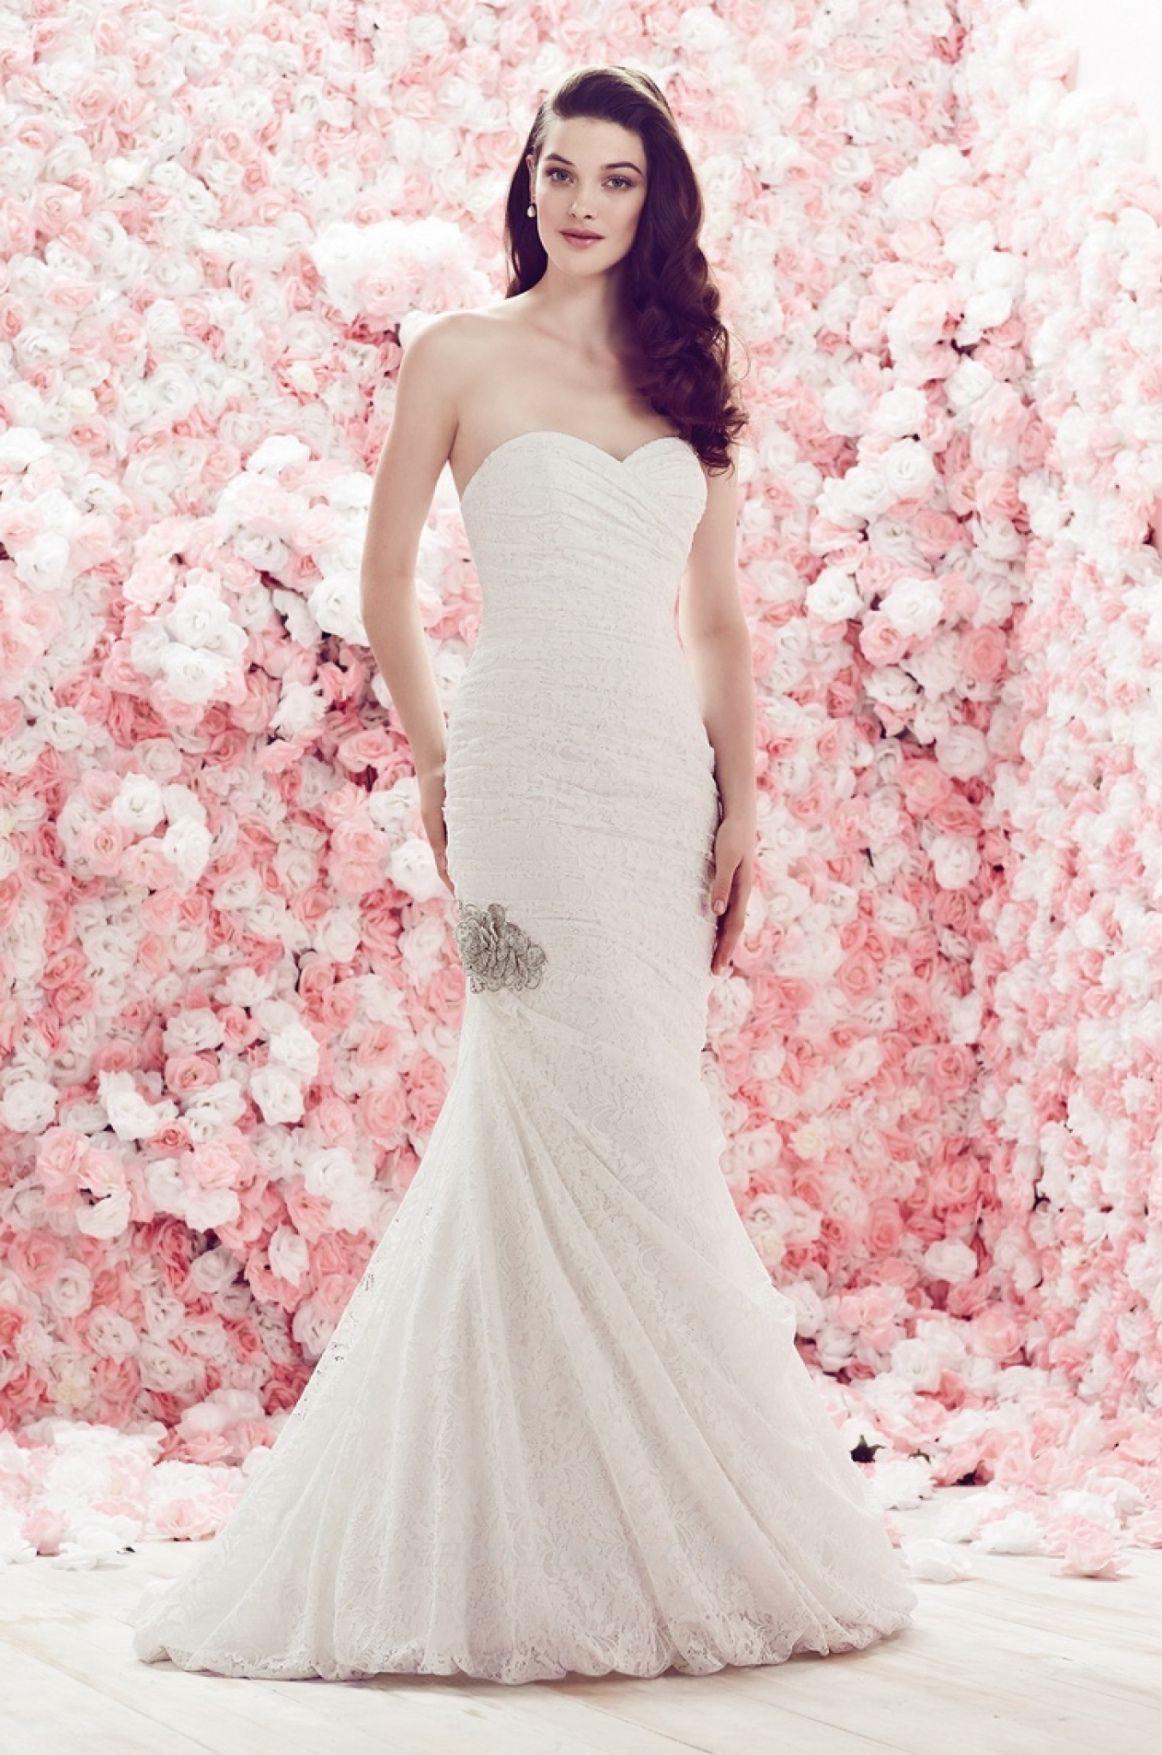 Carmen fashion raleigh nc 69